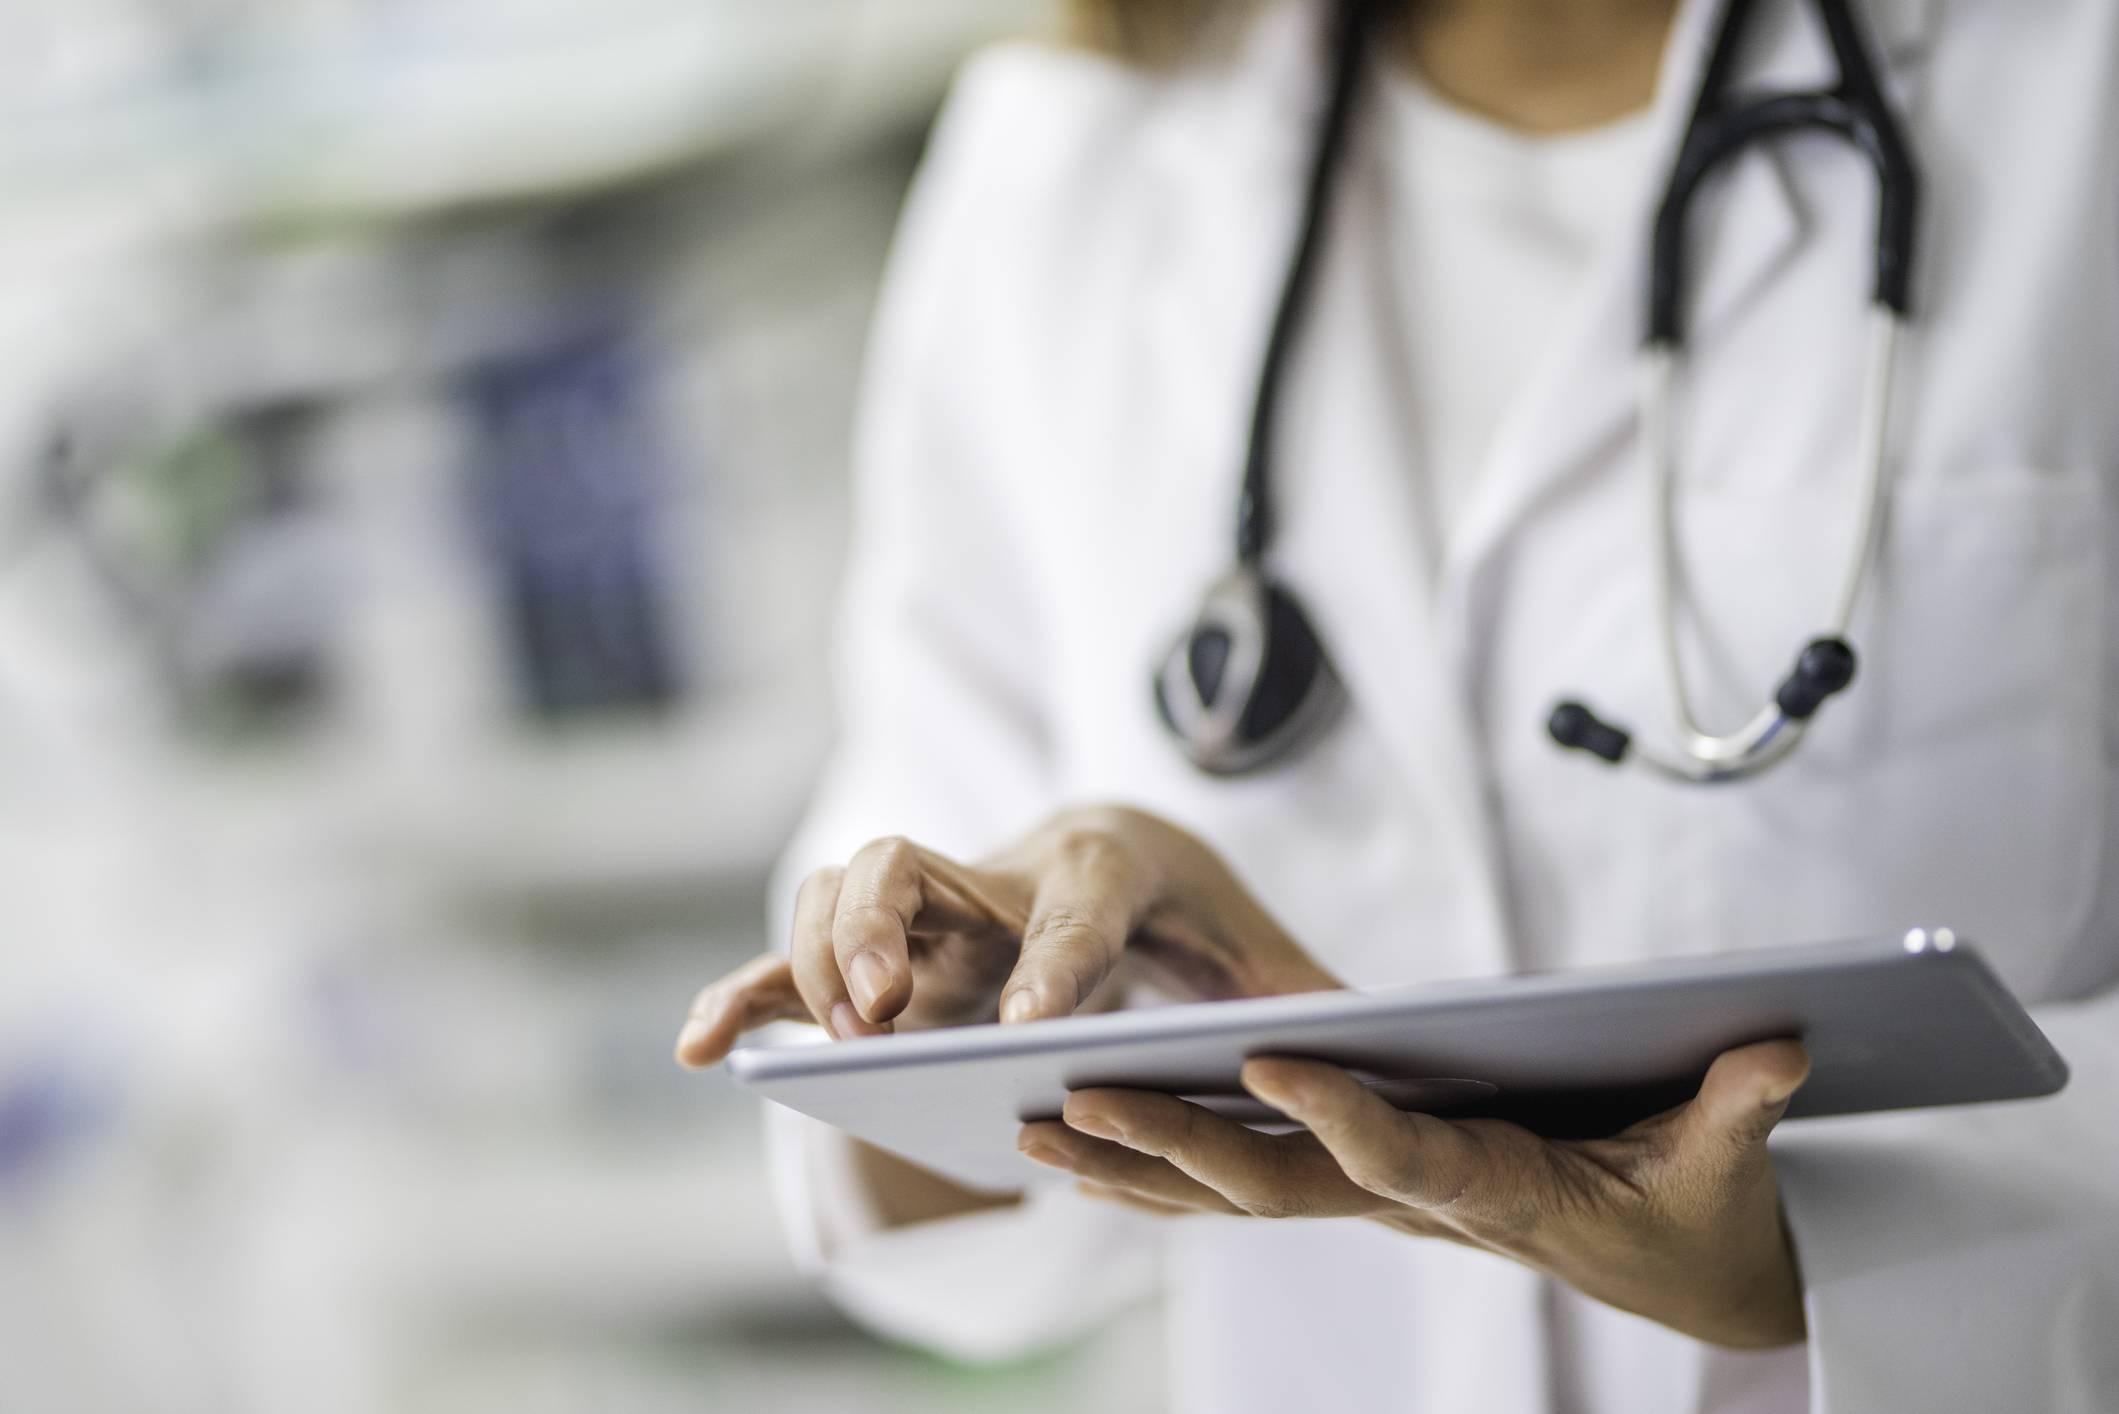 Mercado SaaS na saúde: como o modelo de negócios está transformando a atuação do mercado